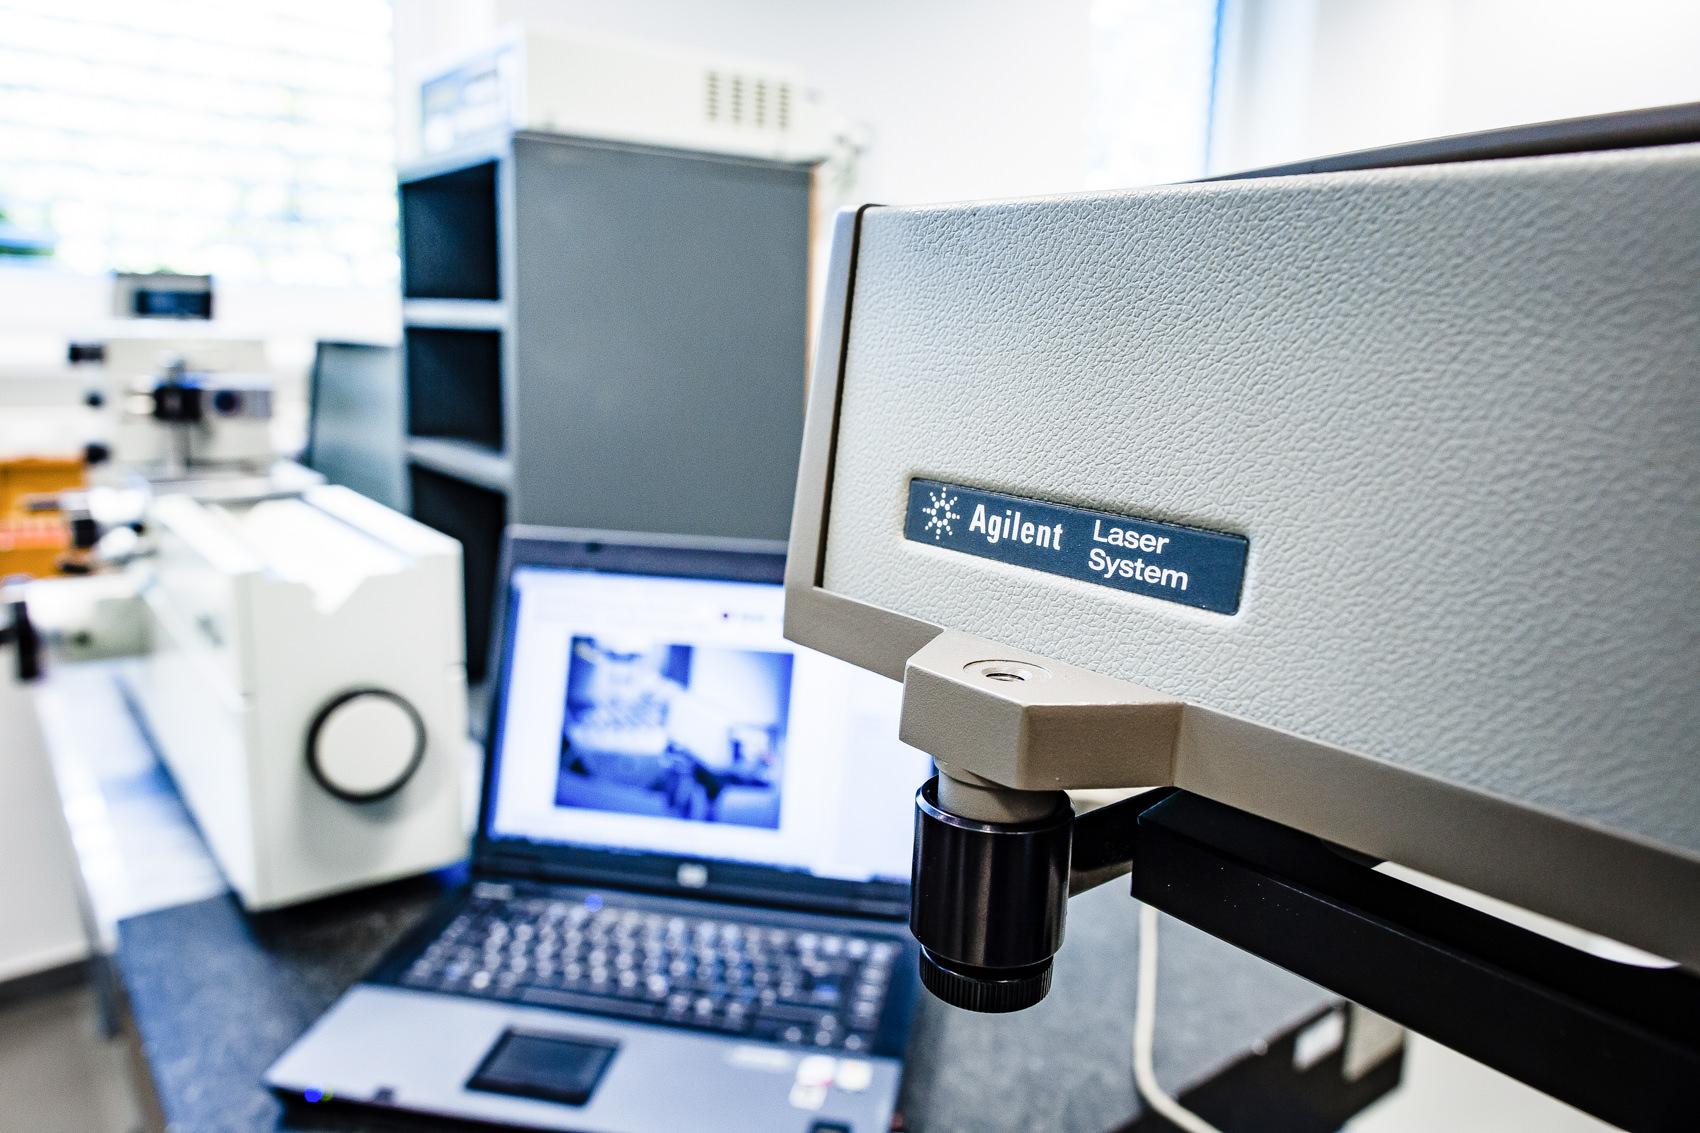 Foto Laserinterferometer für die akkreditierte Kalibrierung bei der Firma Wild Hi-Precision